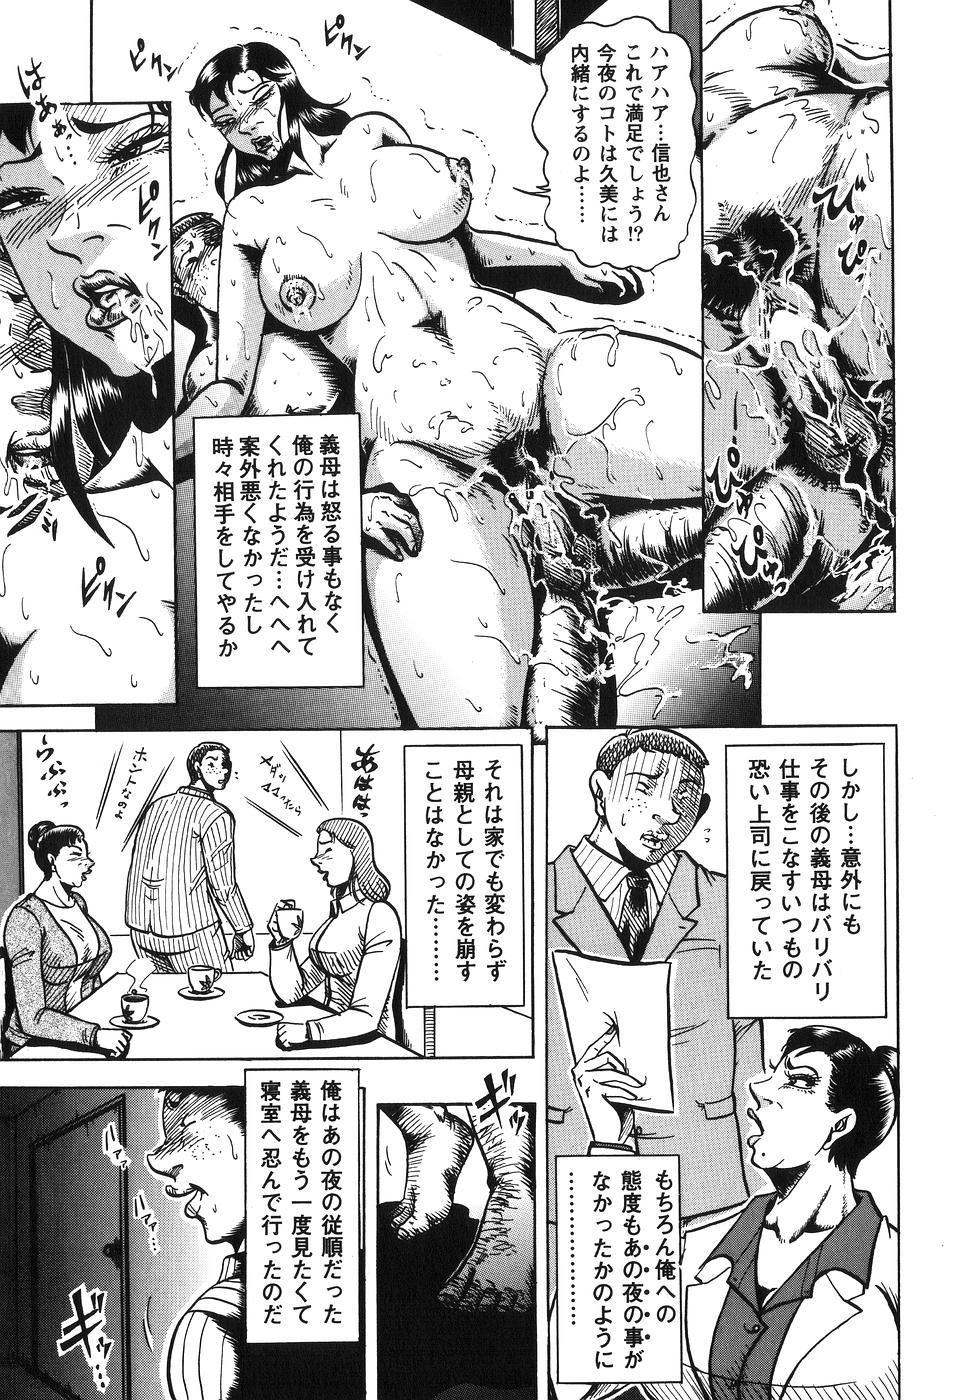 Jukubo Soukan Yosoji no Tawamure 100